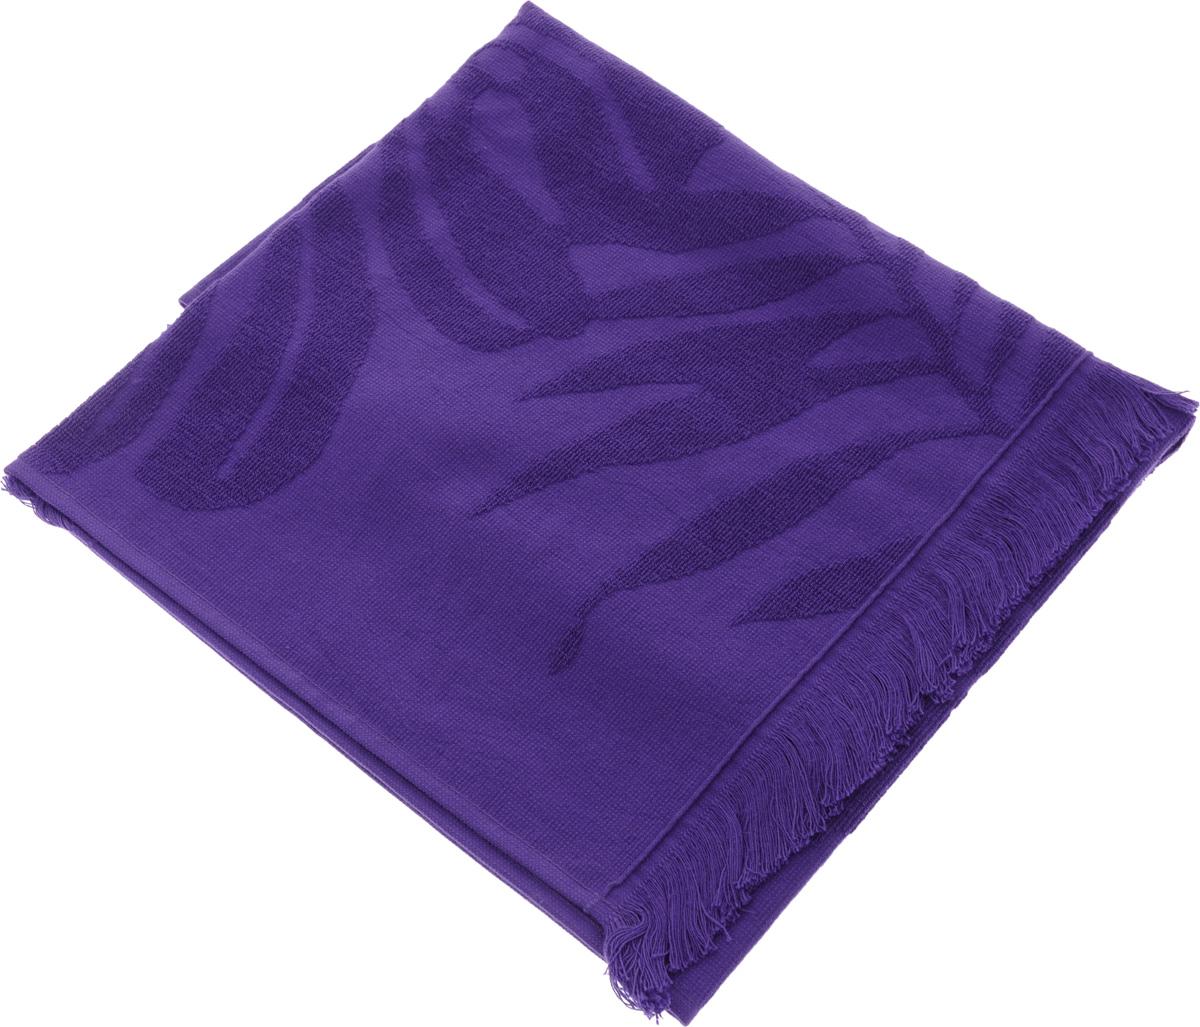 Полотенце Issimo Home Nadia, цвет: фиолетовый, 50 x 90 смRSP-202SПолотенце Issimo Home Nadia выполнено из 100% хлопка. Изделие отлично впитывает влагу, быстро сохнет, сохраняет яркость цвета и не теряет форму даже после многократных стирок. Полотенце очень практично и неприхотливо в уходе. Оно прекрасно дополнит интерьер ванной комнаты.